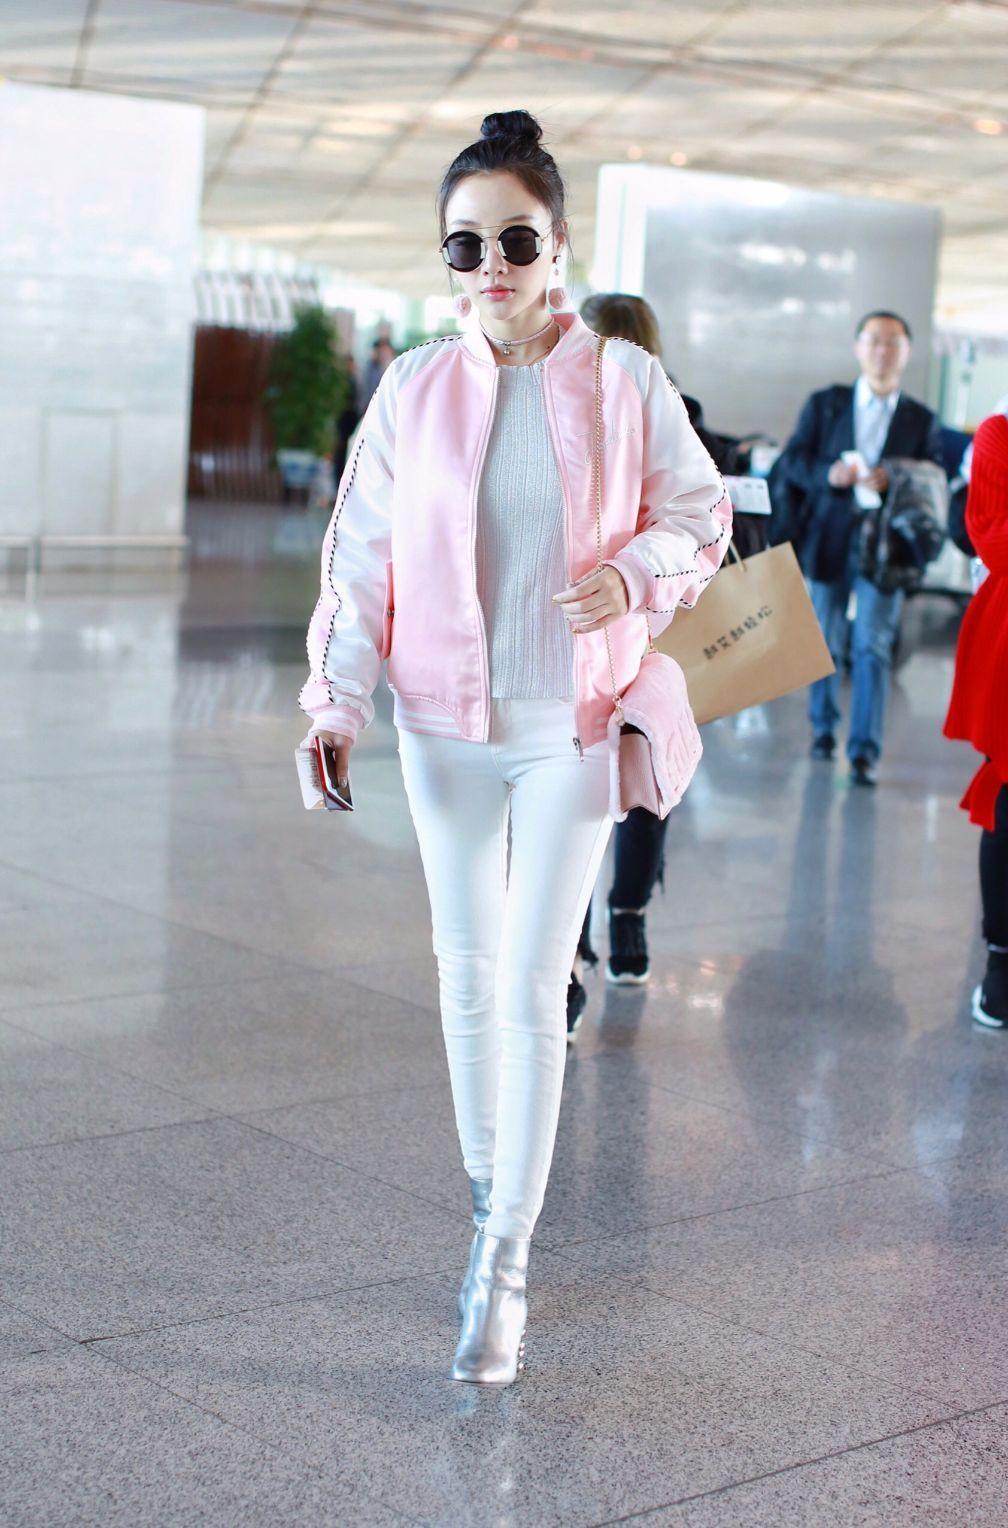 36岁李小璐穿粉衫妥妥的少女系,不想被背上的大蝴蝶结拉低了档次